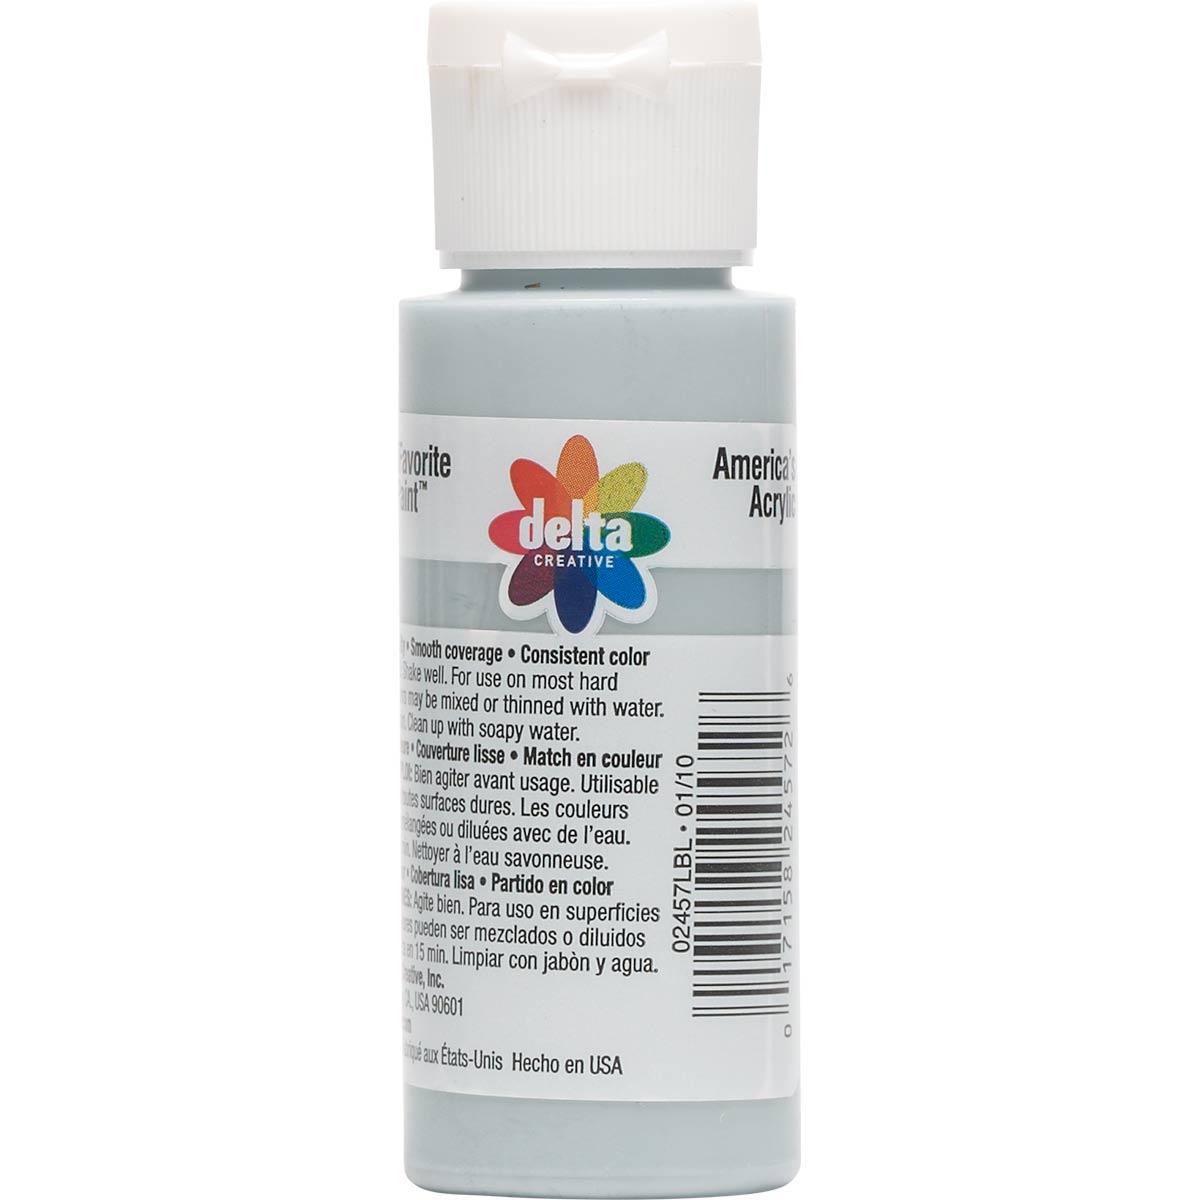 Delta Ceramcoat ® Acrylic Paint - Dolphin Grey, 2 oz.